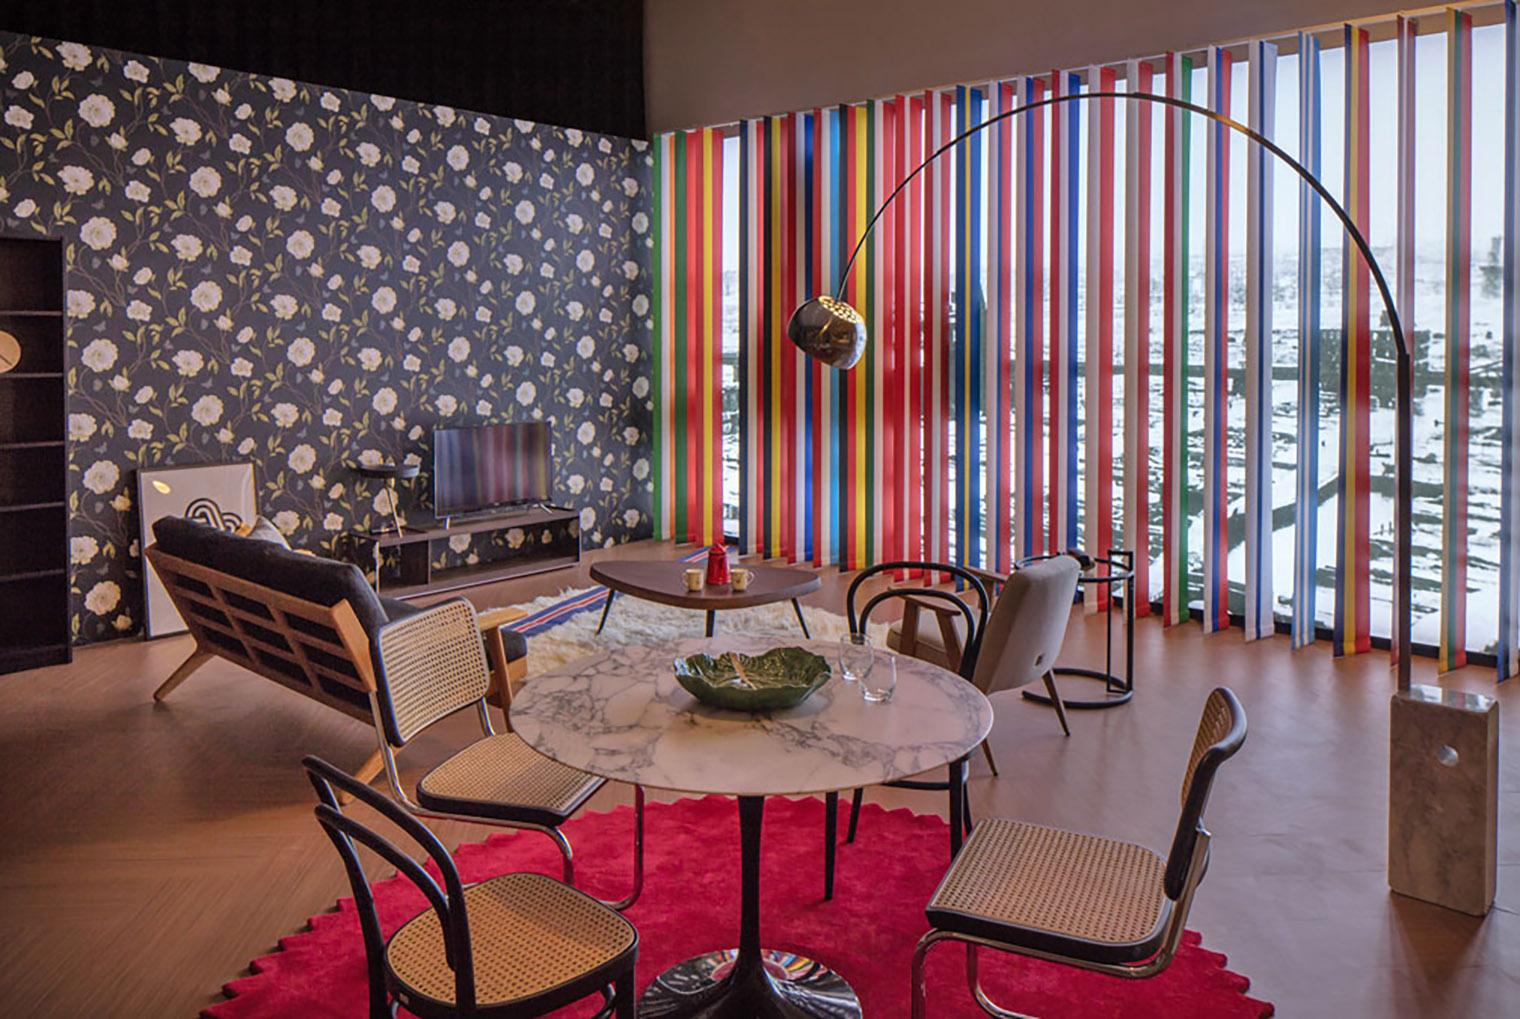 El mundo del dise o se rebela contra el brexit for Oma design museum